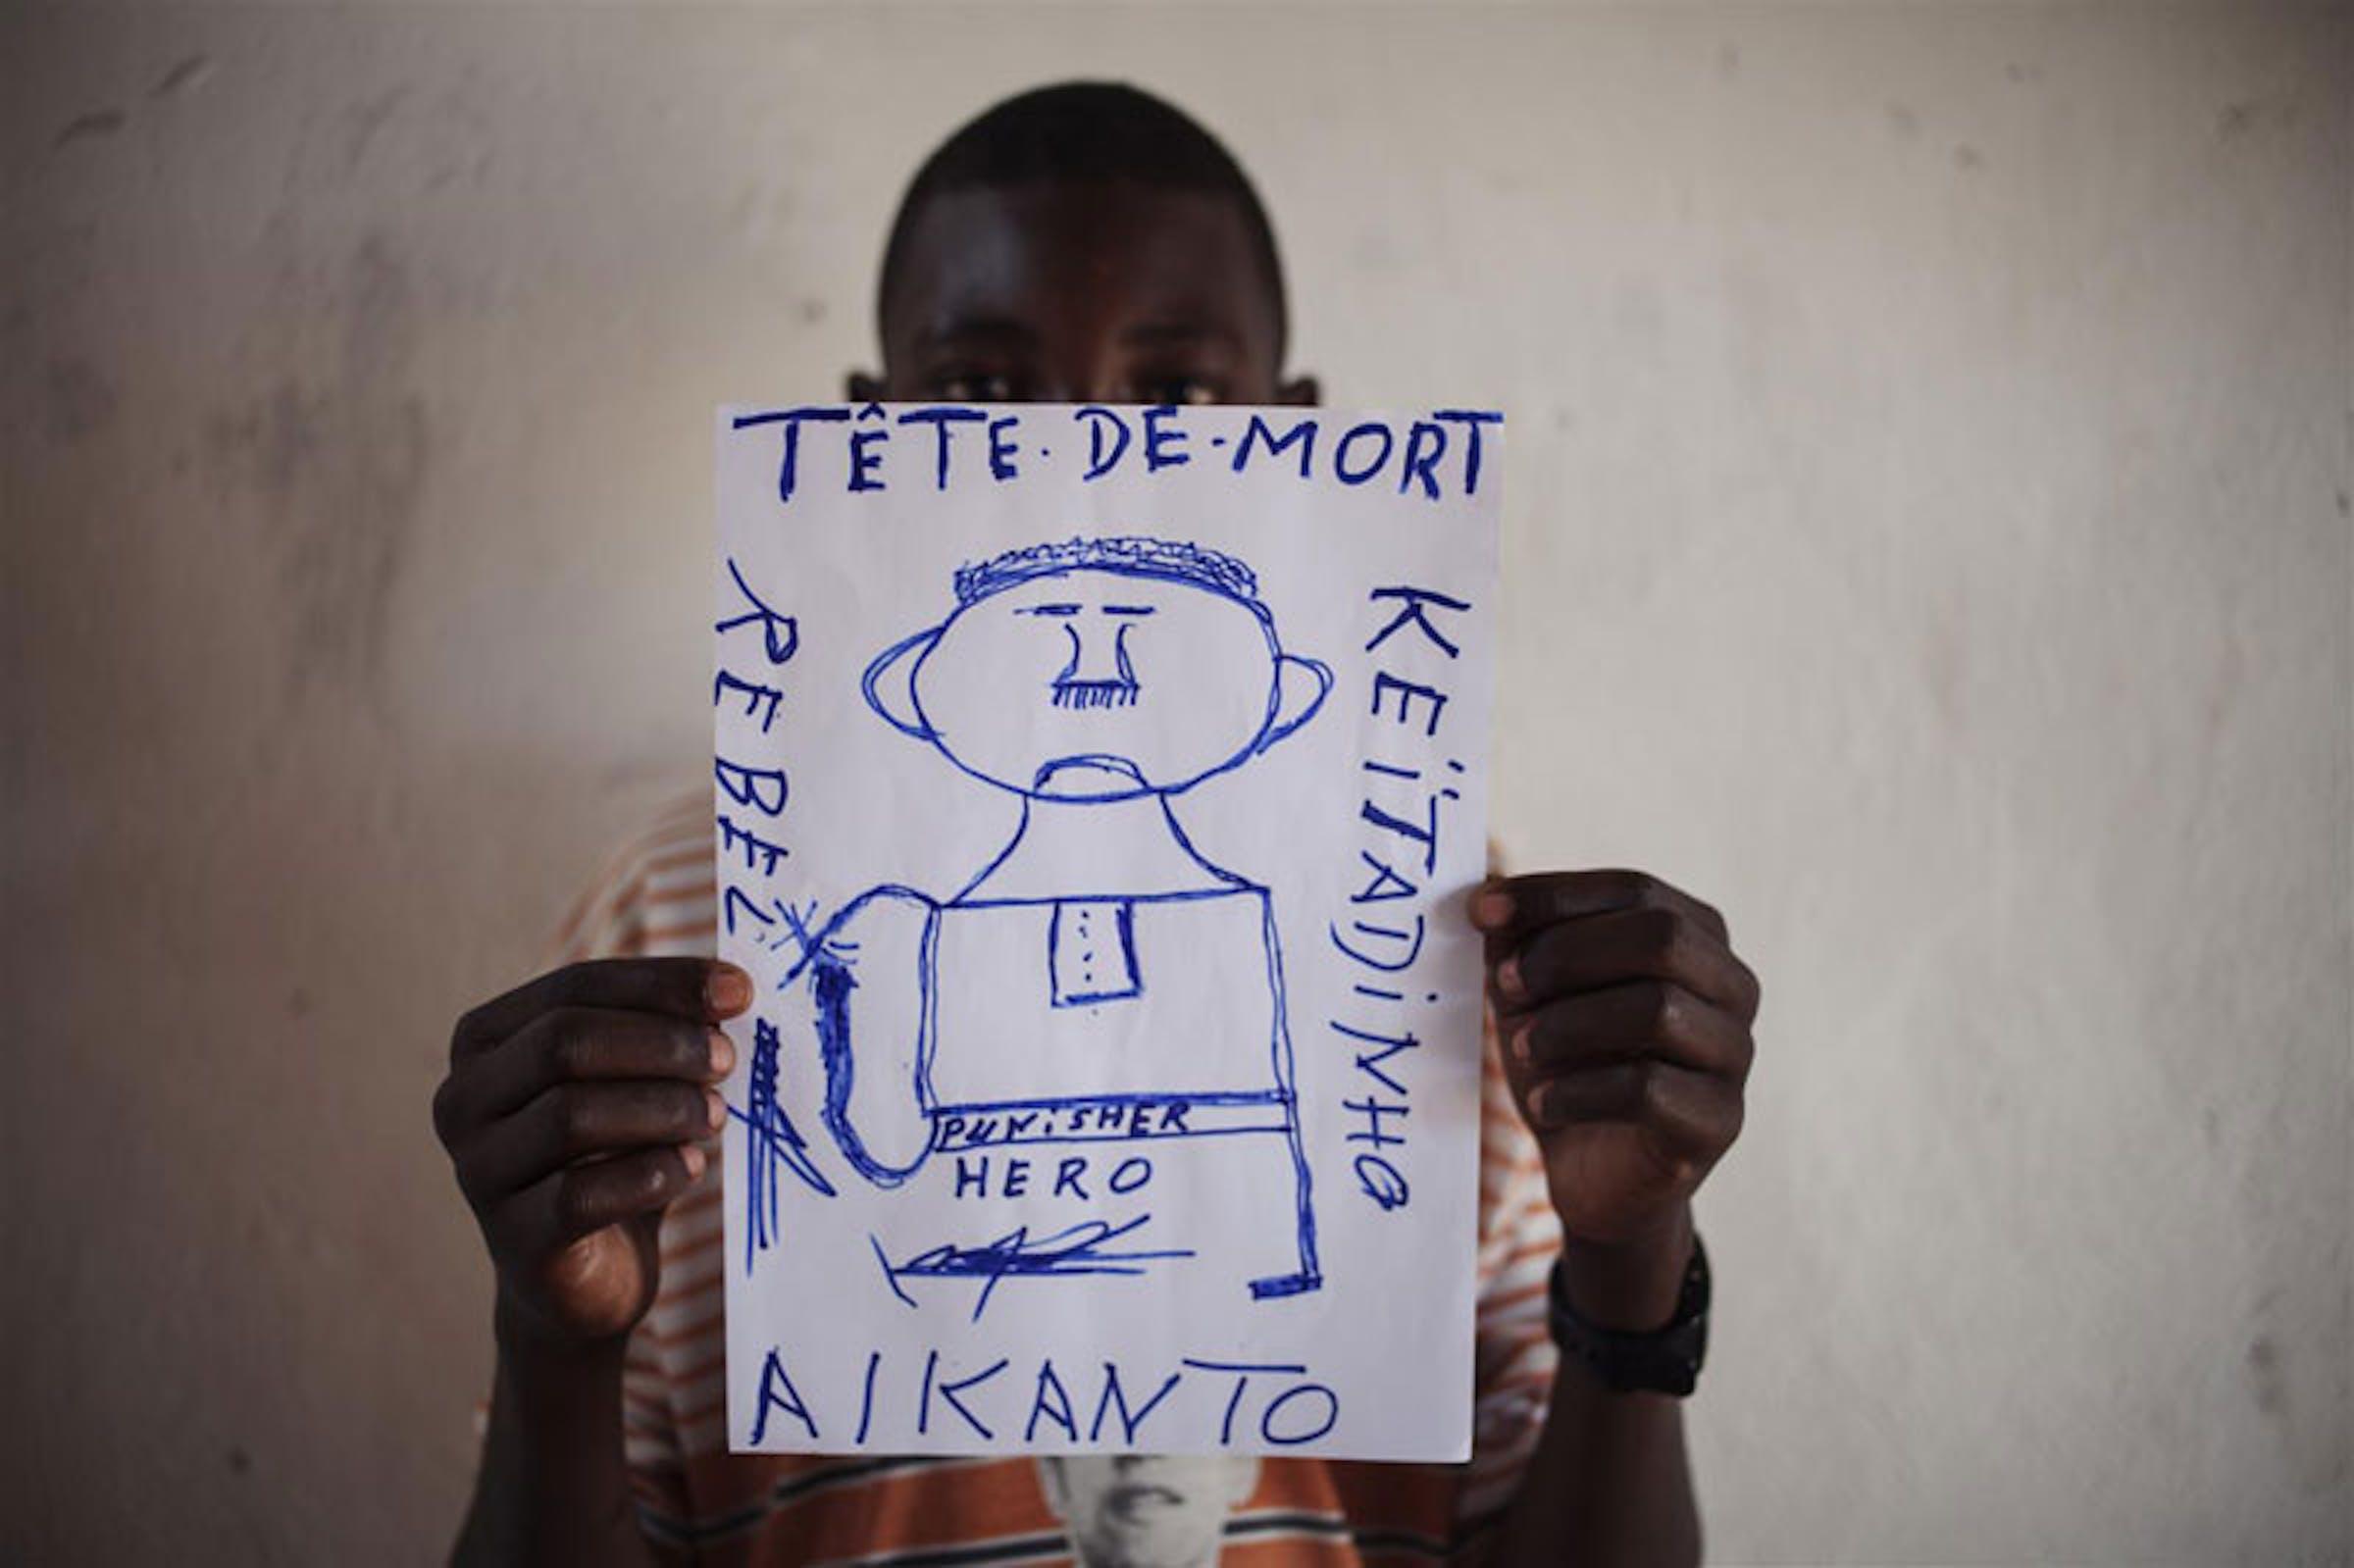 Un ex bambino soldato (16 anni) della Repubblica Centrafricana mostra l'orrore della guerra attraverso i suoi disegni, dopo la sua smobilitazione da una milizia ribelle (CPJP) - ©UNICEF/NYHQ2012-1159/Sokol